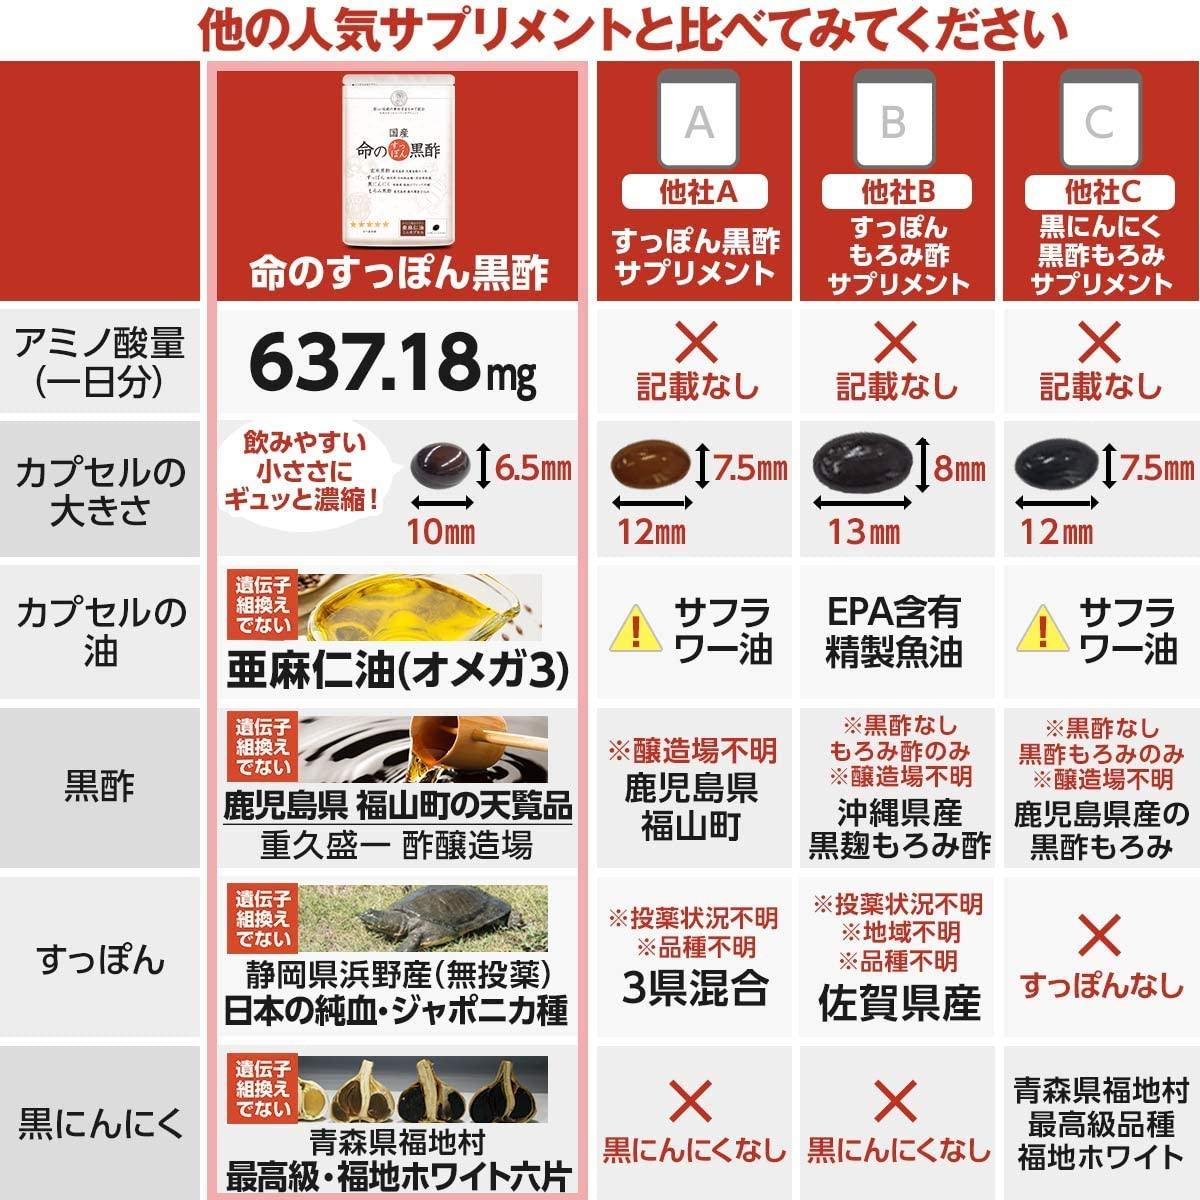 プロスポーツ出版(プロスポーツシュッパン) 国産 命のすっぽん黒酢の商品画像4